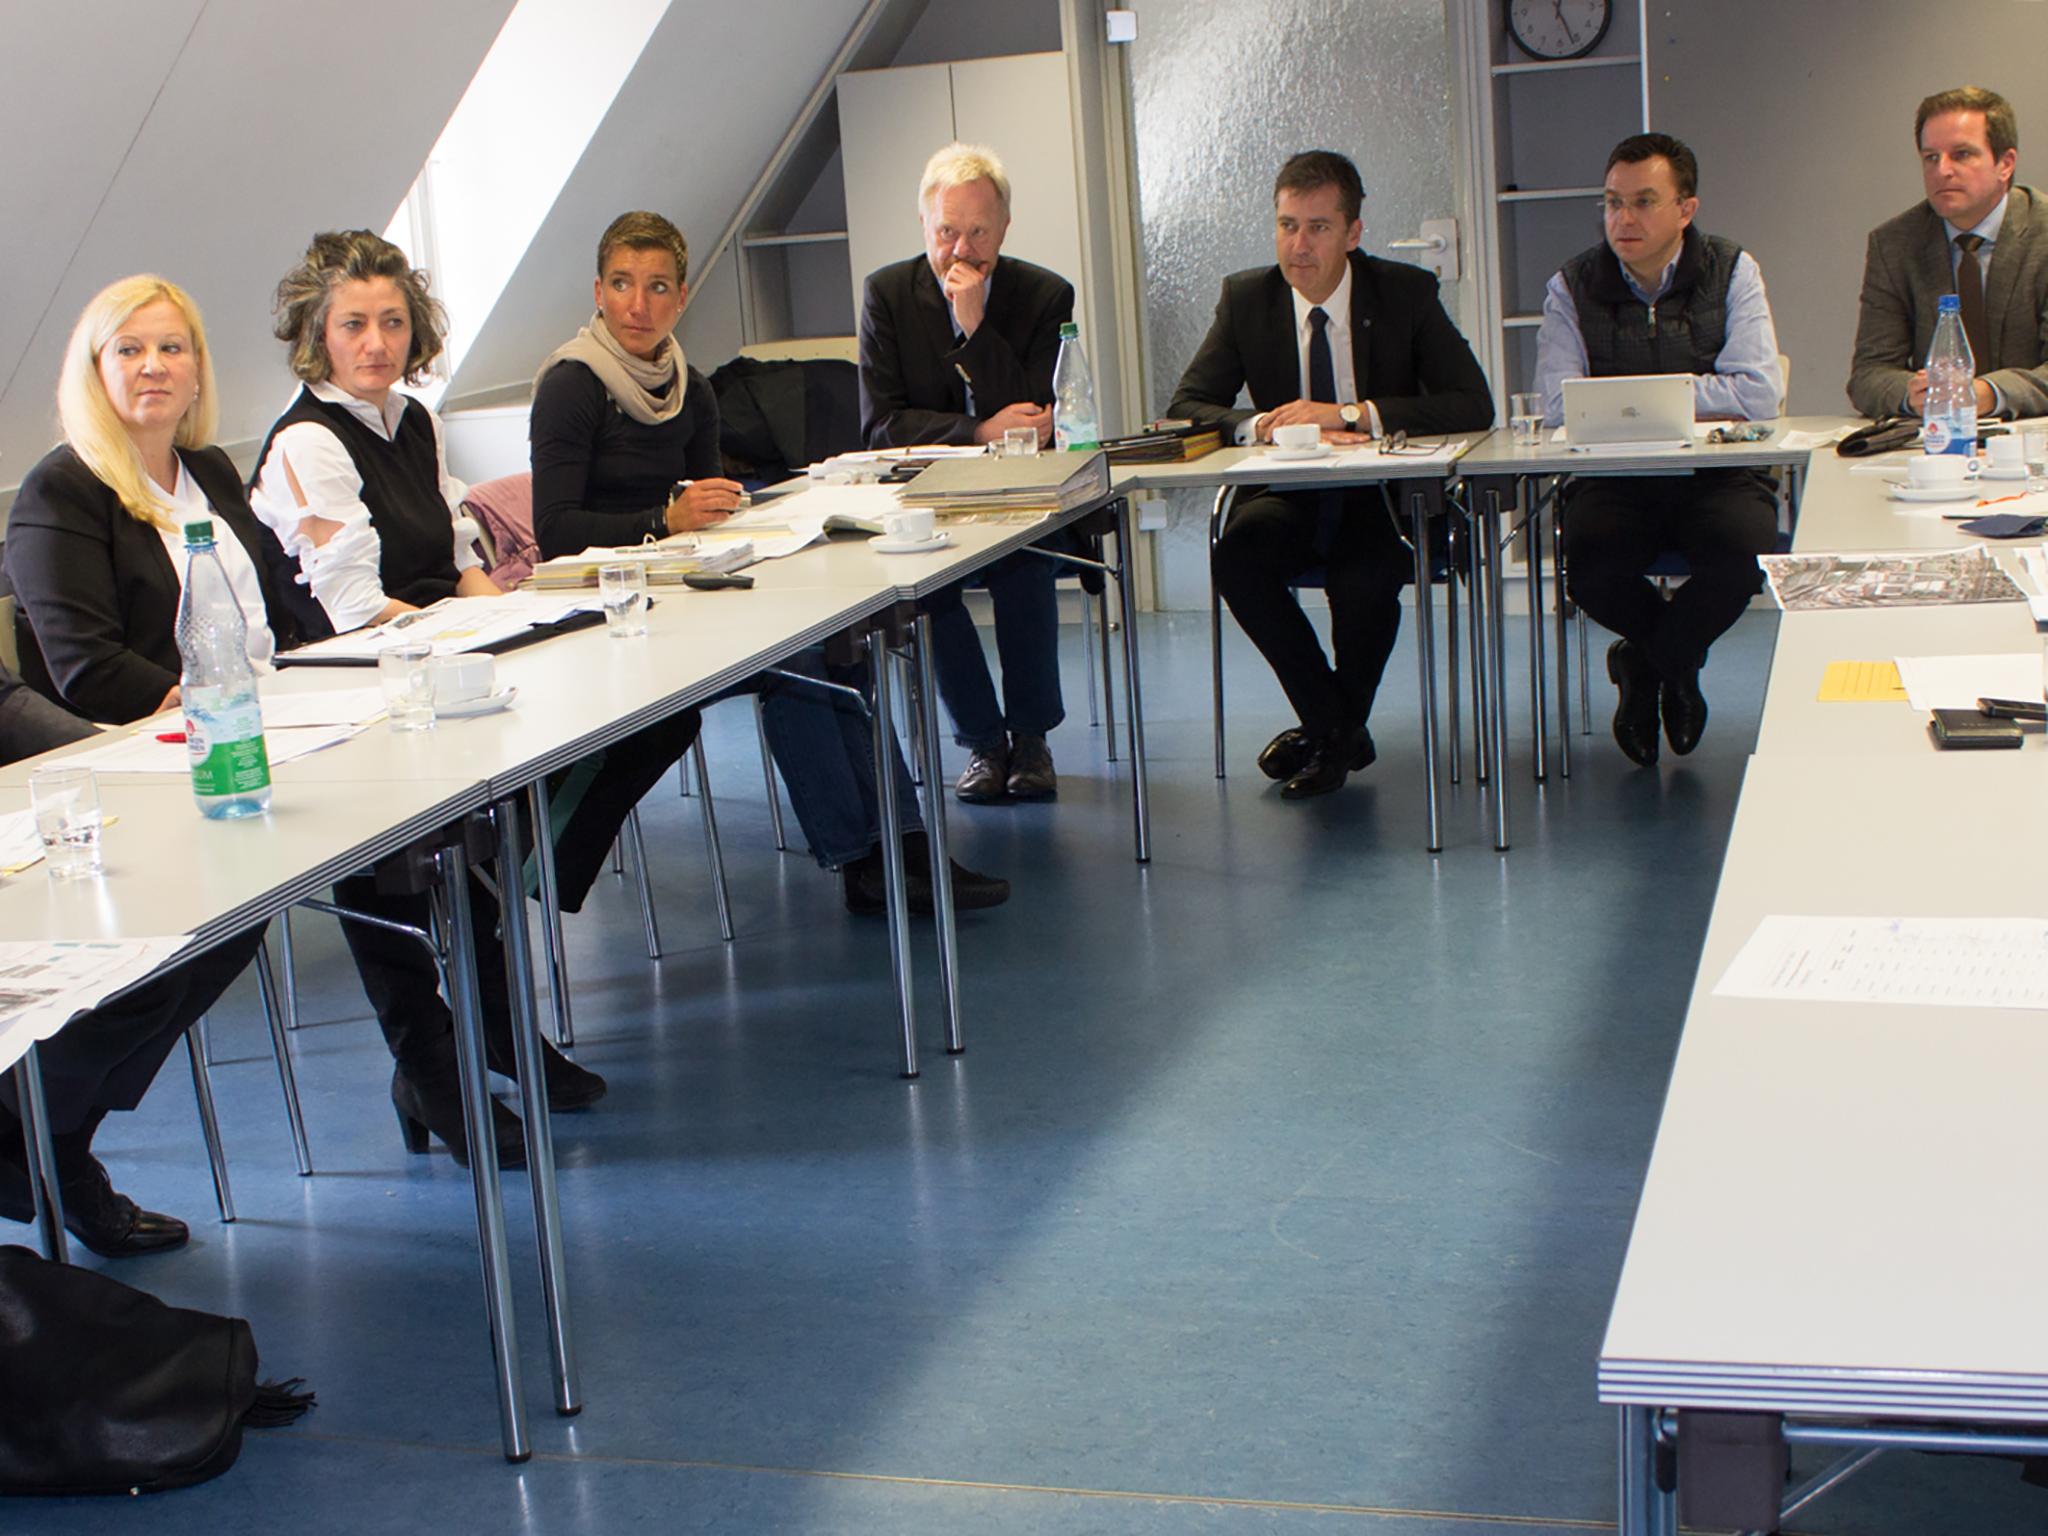 Arbeitstreffen im Würzburger Rathaus mit Vertretern der BImA. Foto: Georg Wagenbrenner